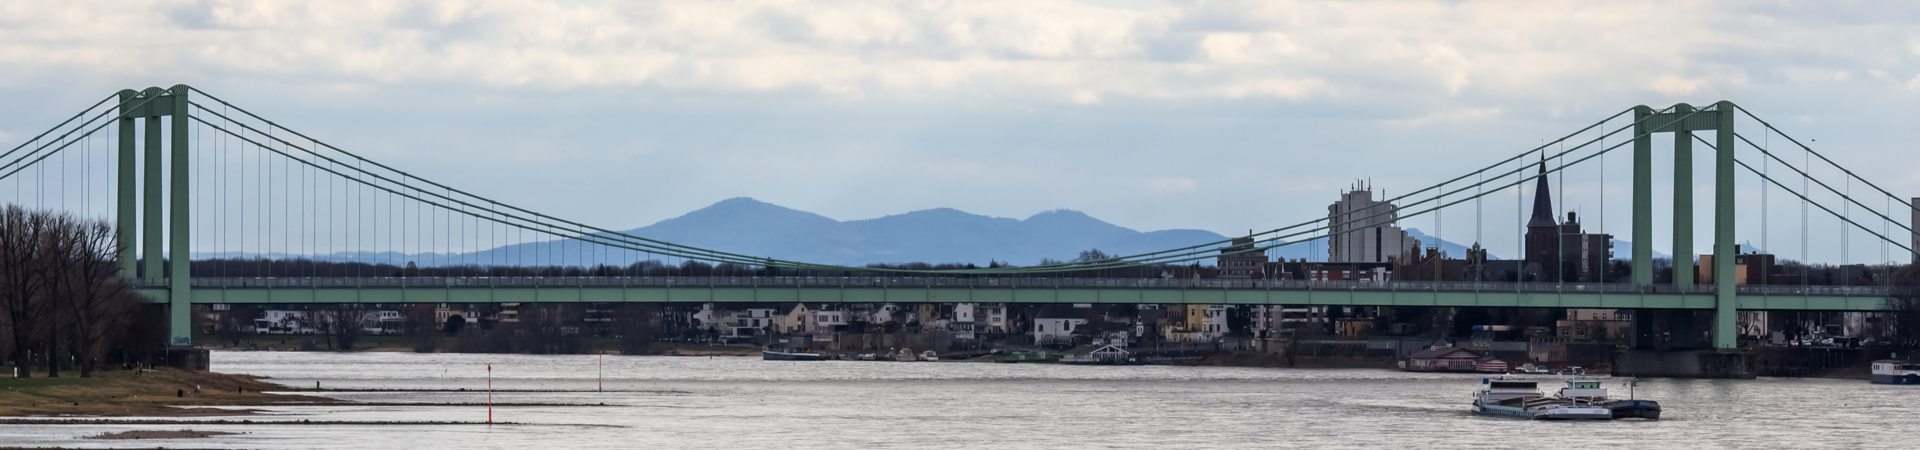 Rodenkirchner Brücke Köln